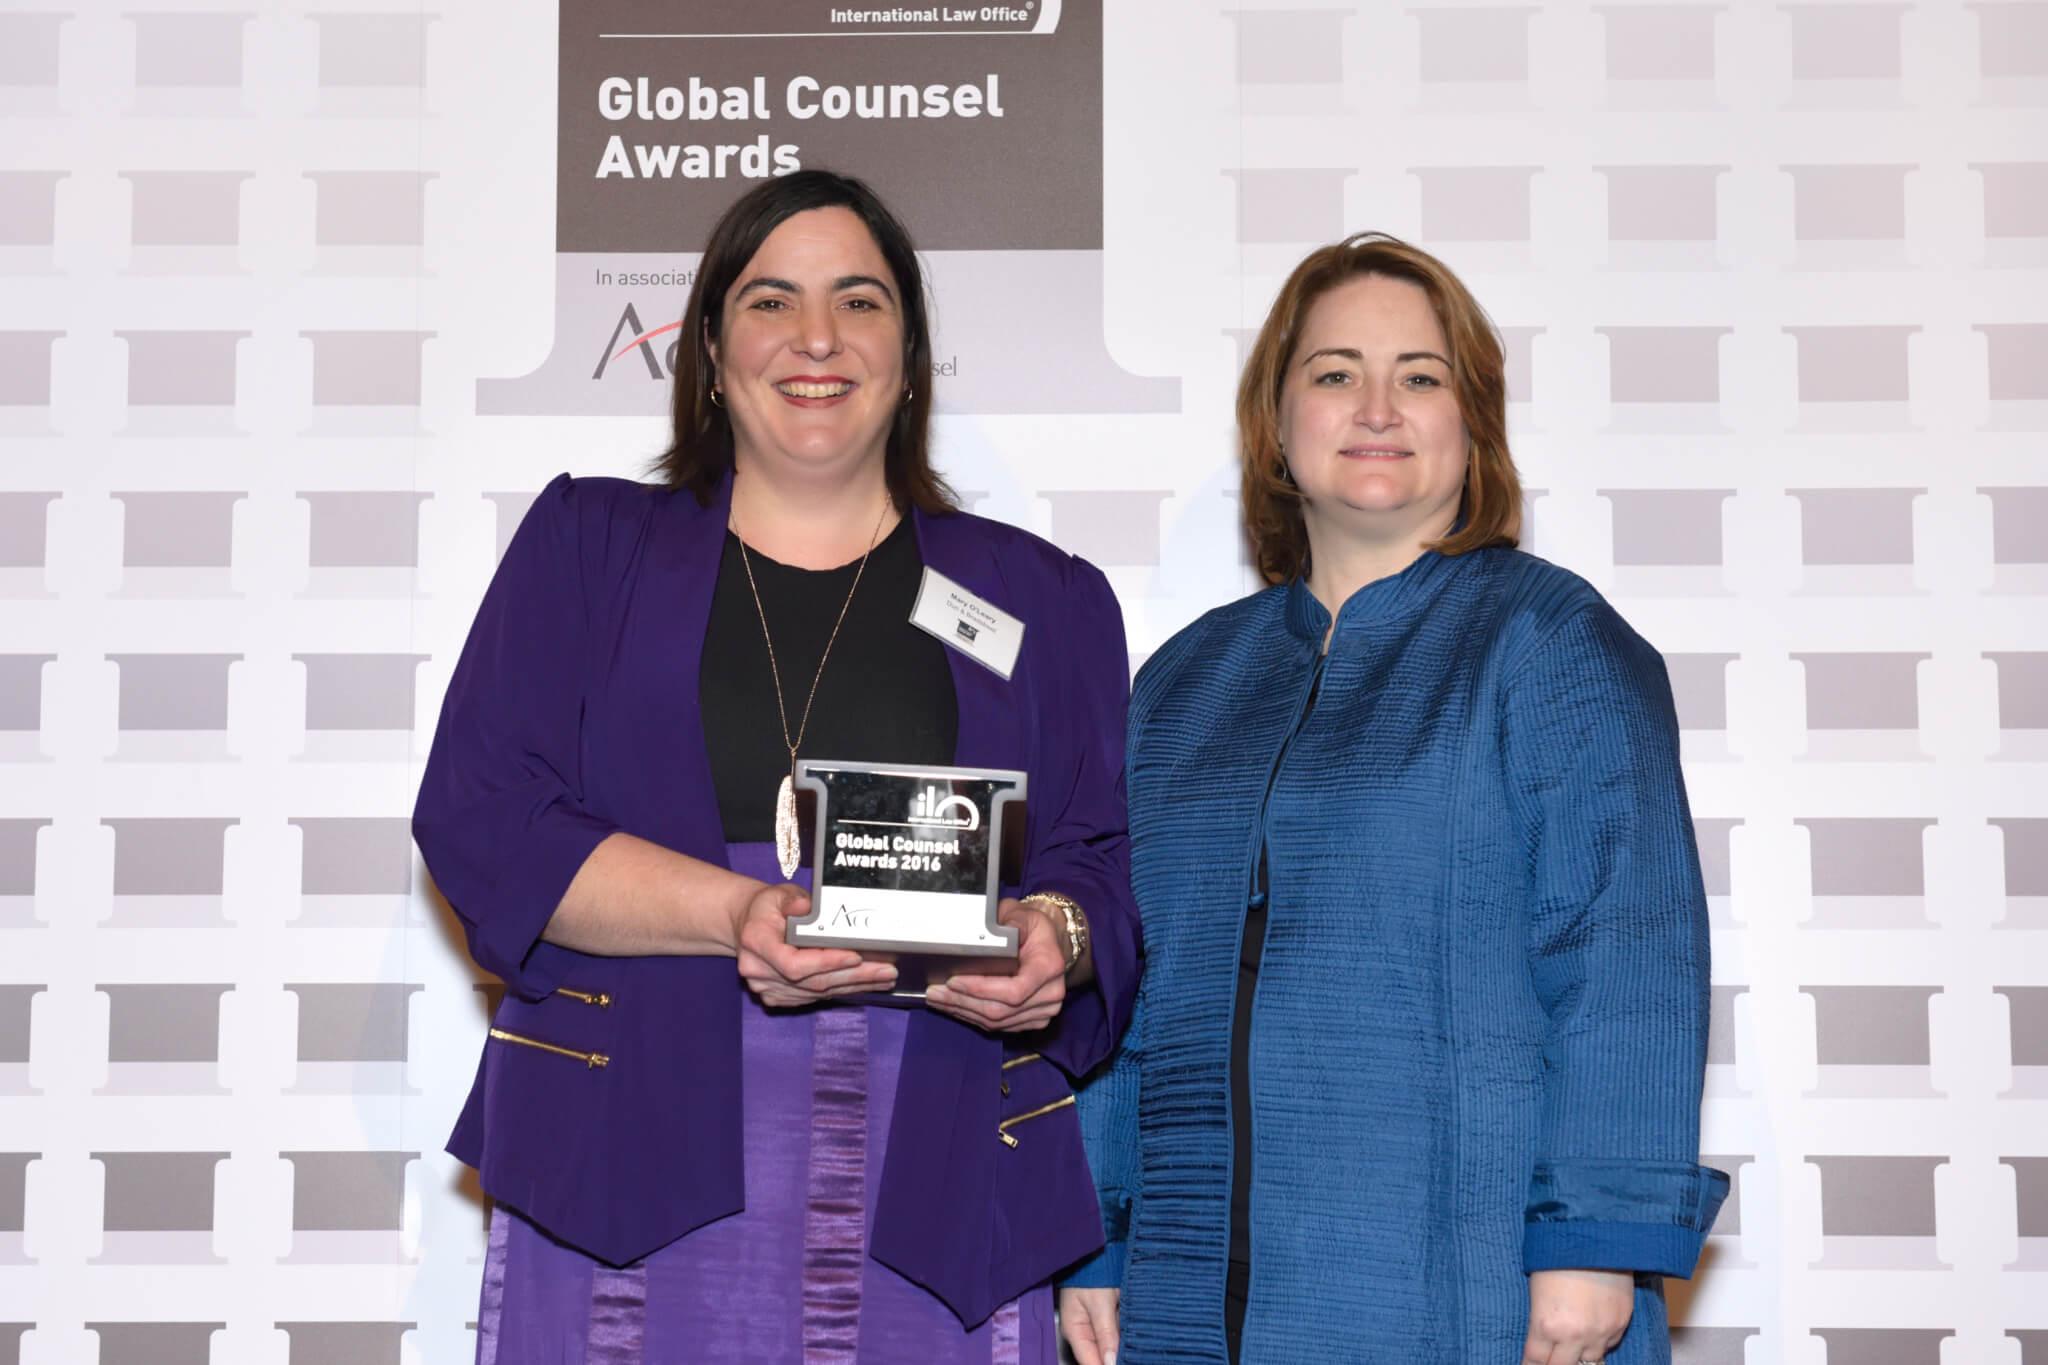 Dun Bradstreet Global Counsel Awards